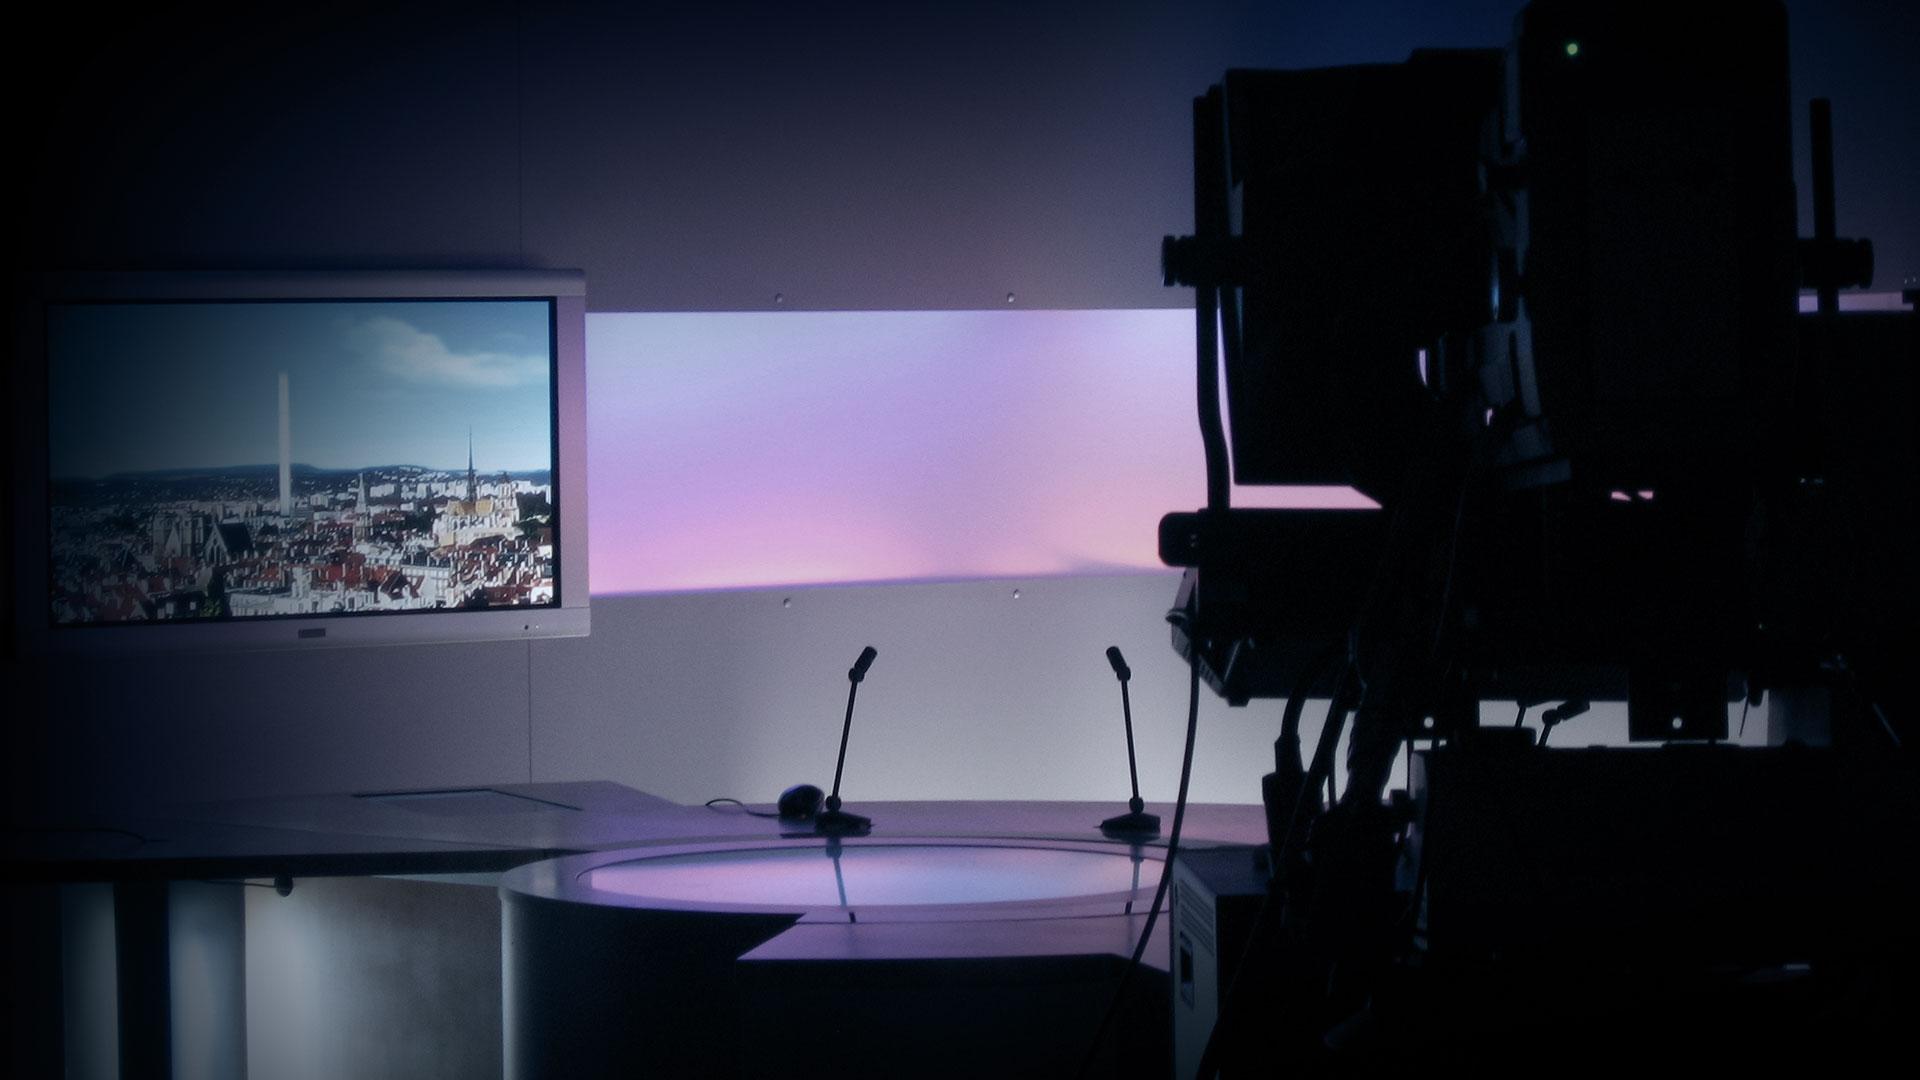 france TV business case